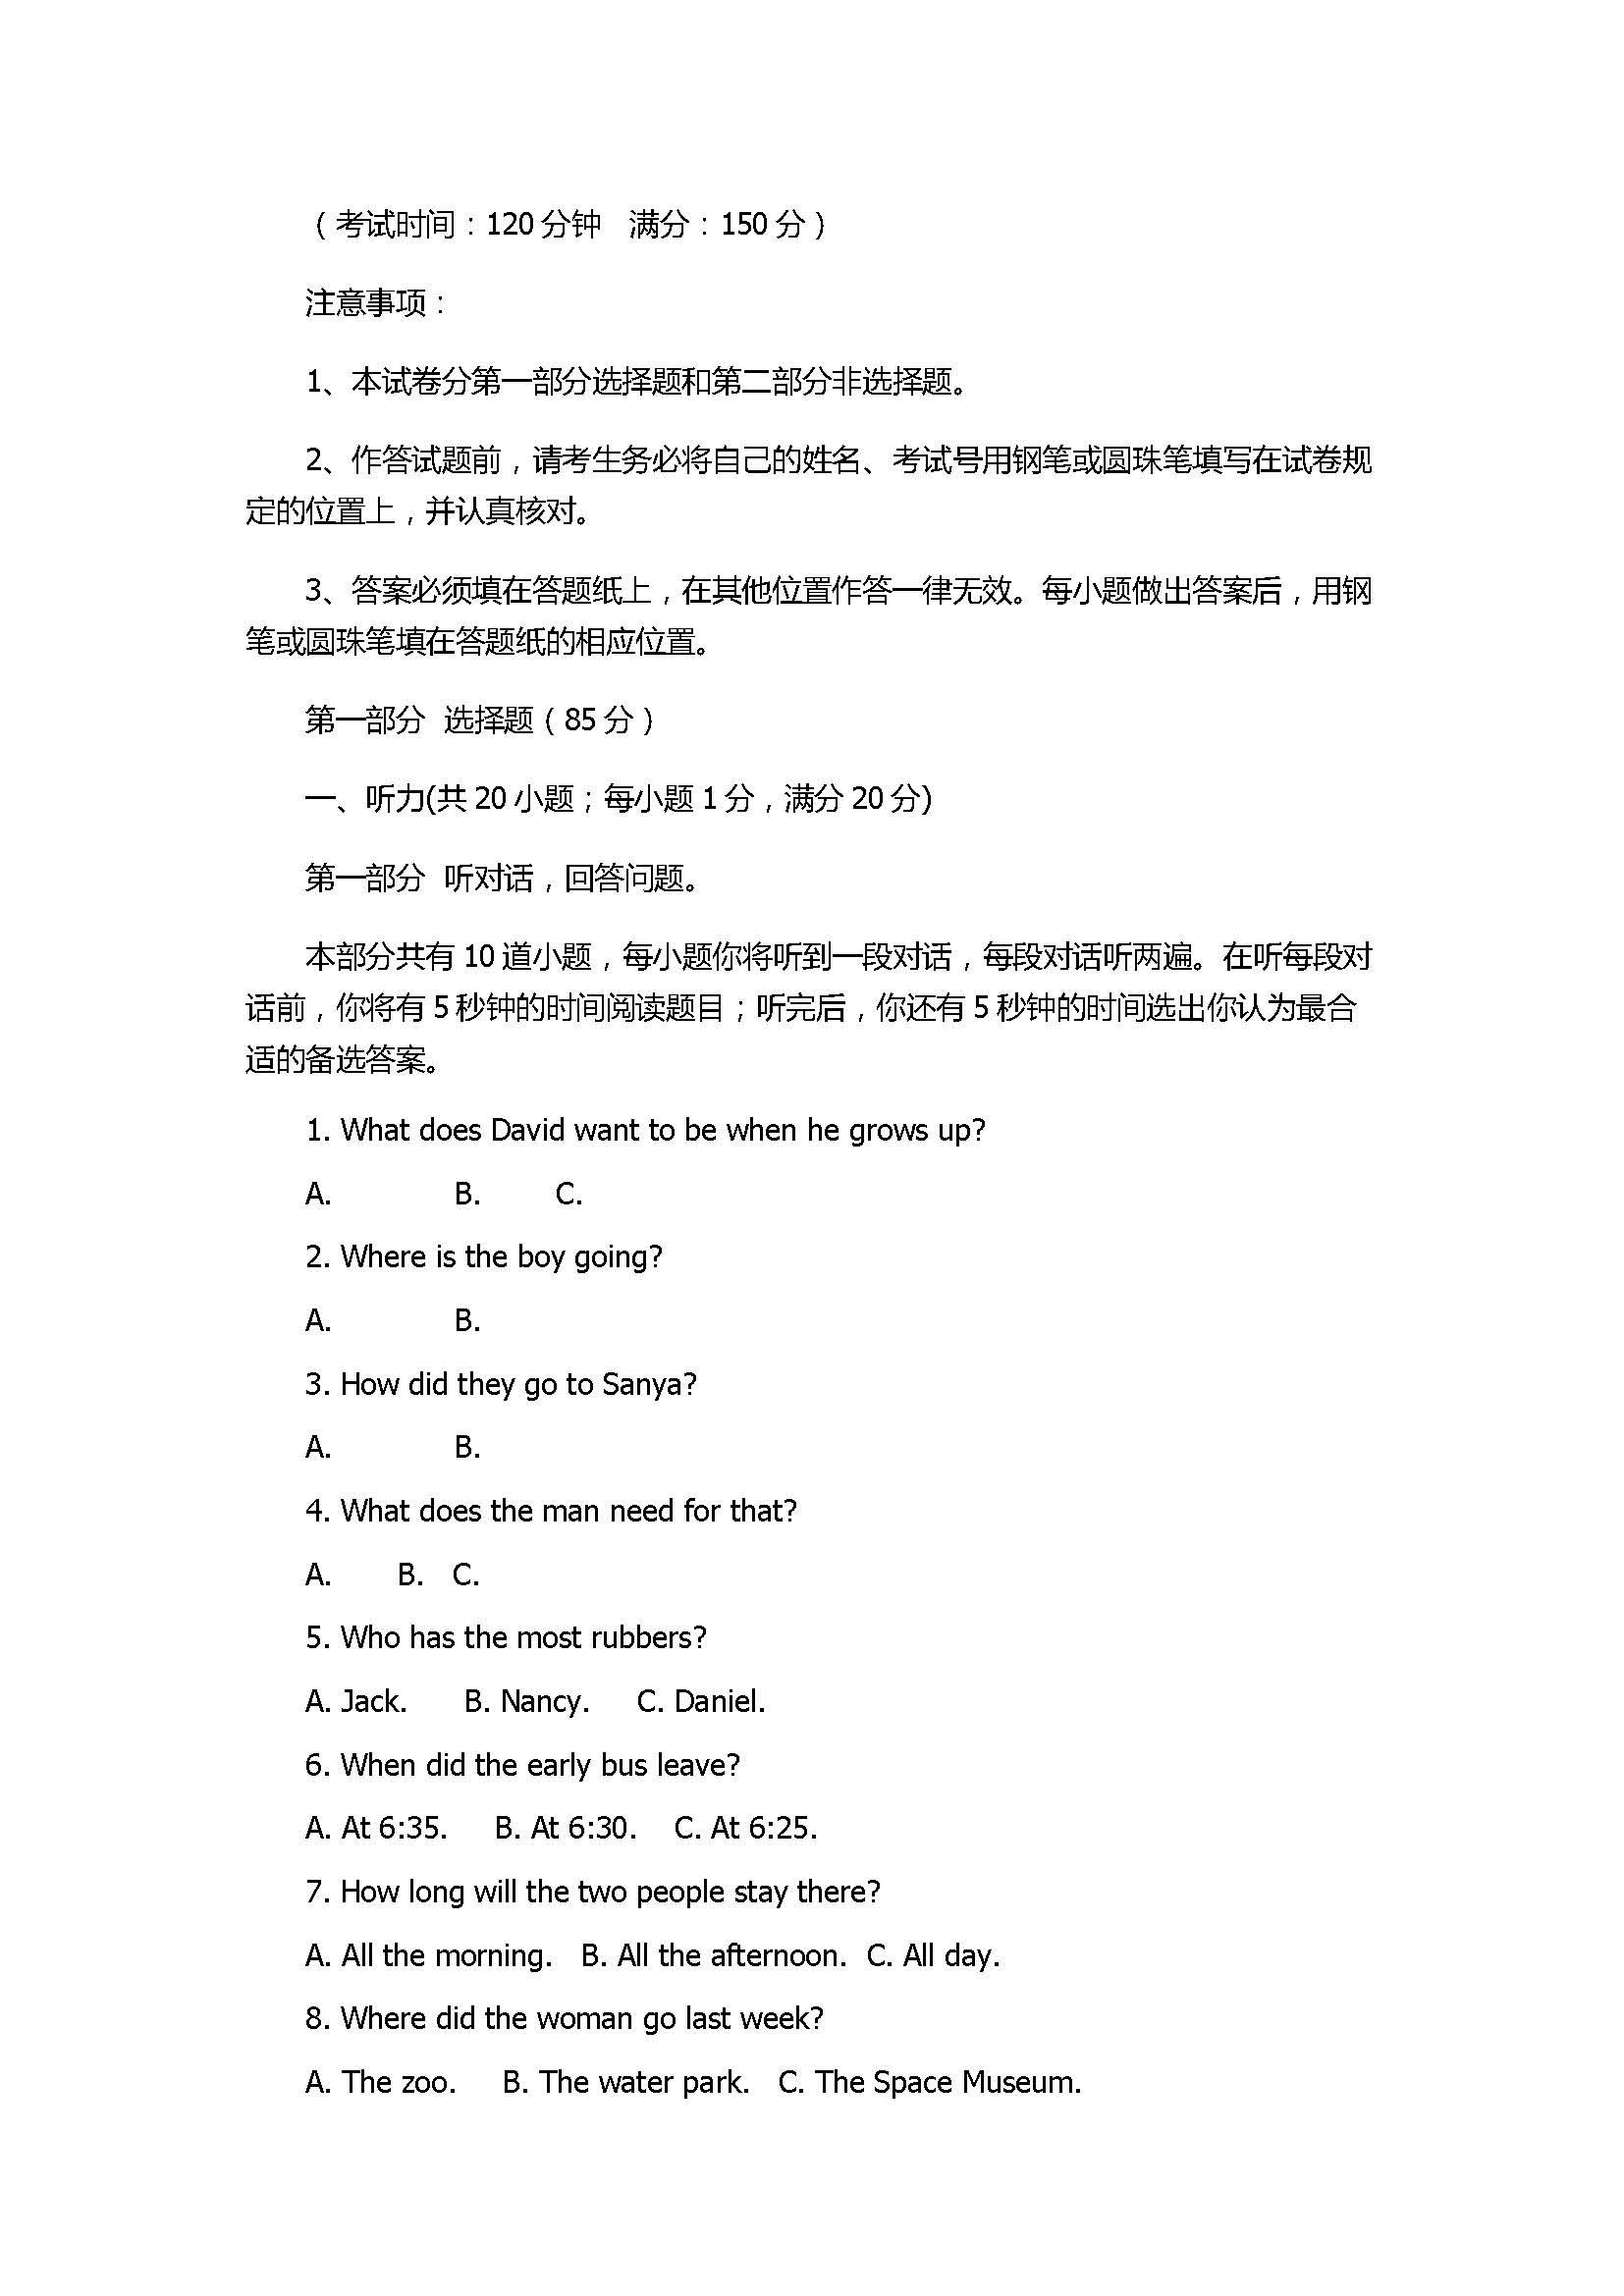 2017初二年级英语上测期中测试题(姜堰区)